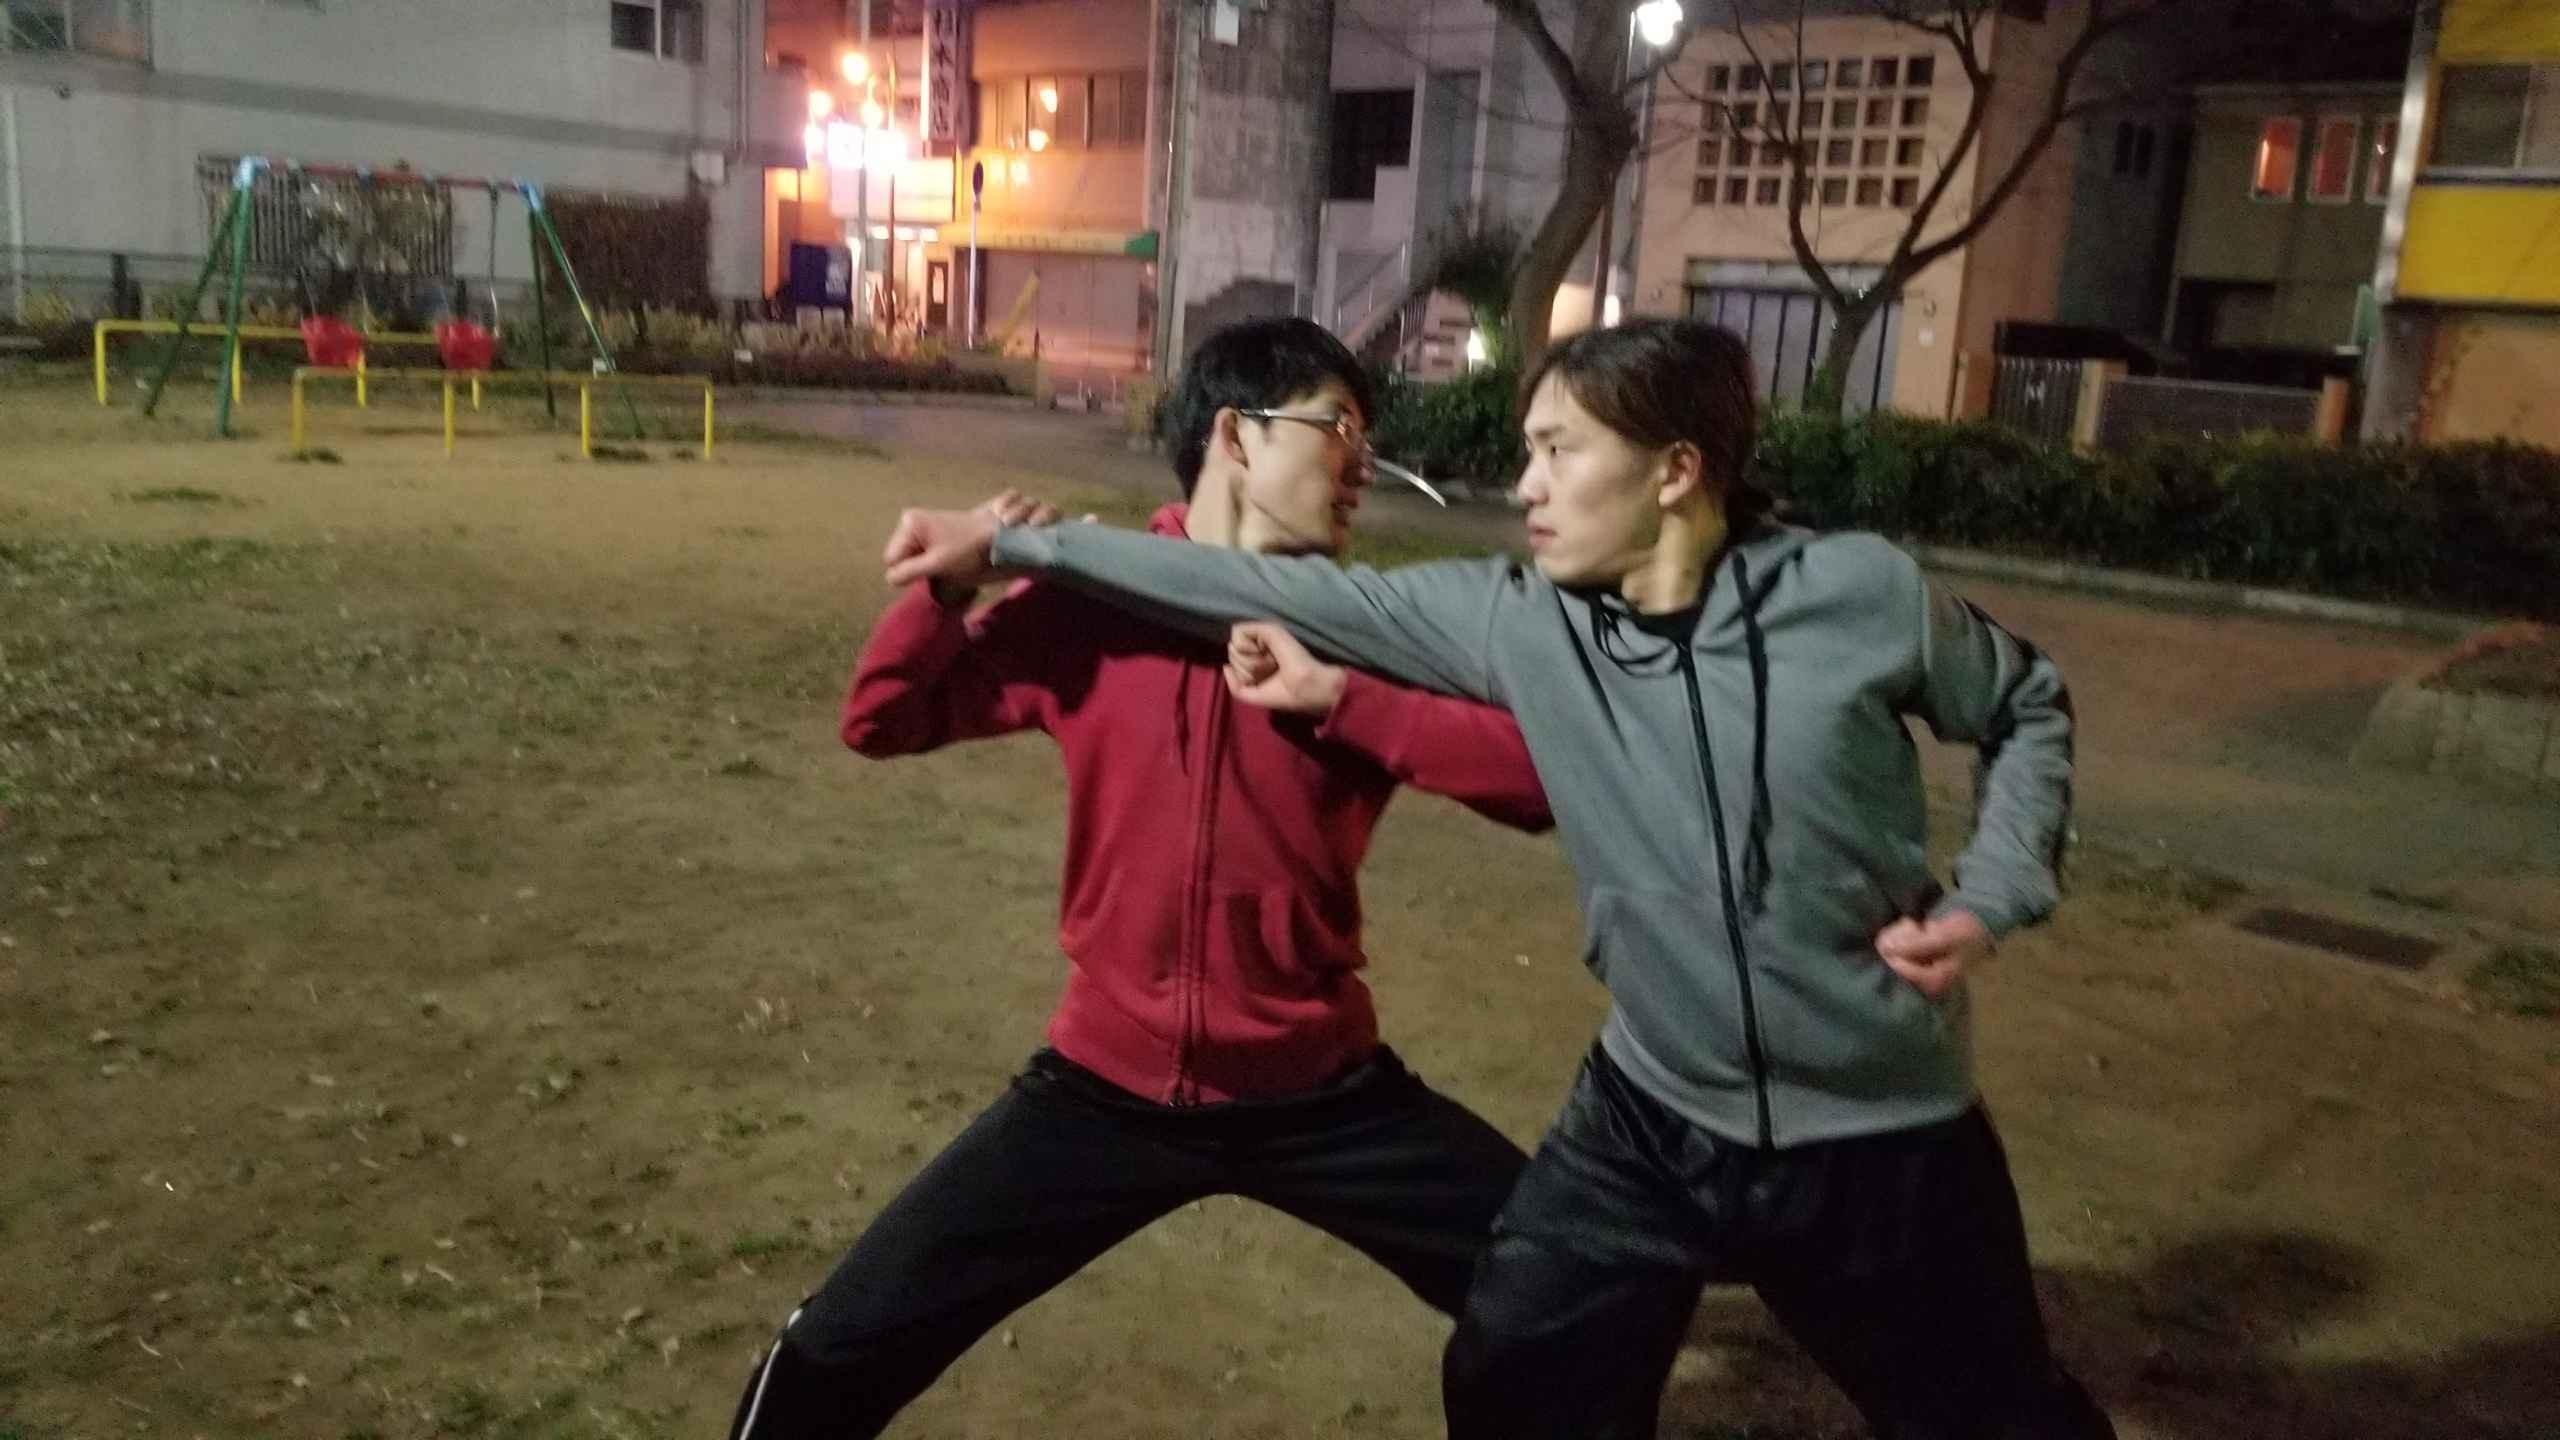 お仕事帰りに中国武術やりませんか?八極拳&蟷螂拳体験教室